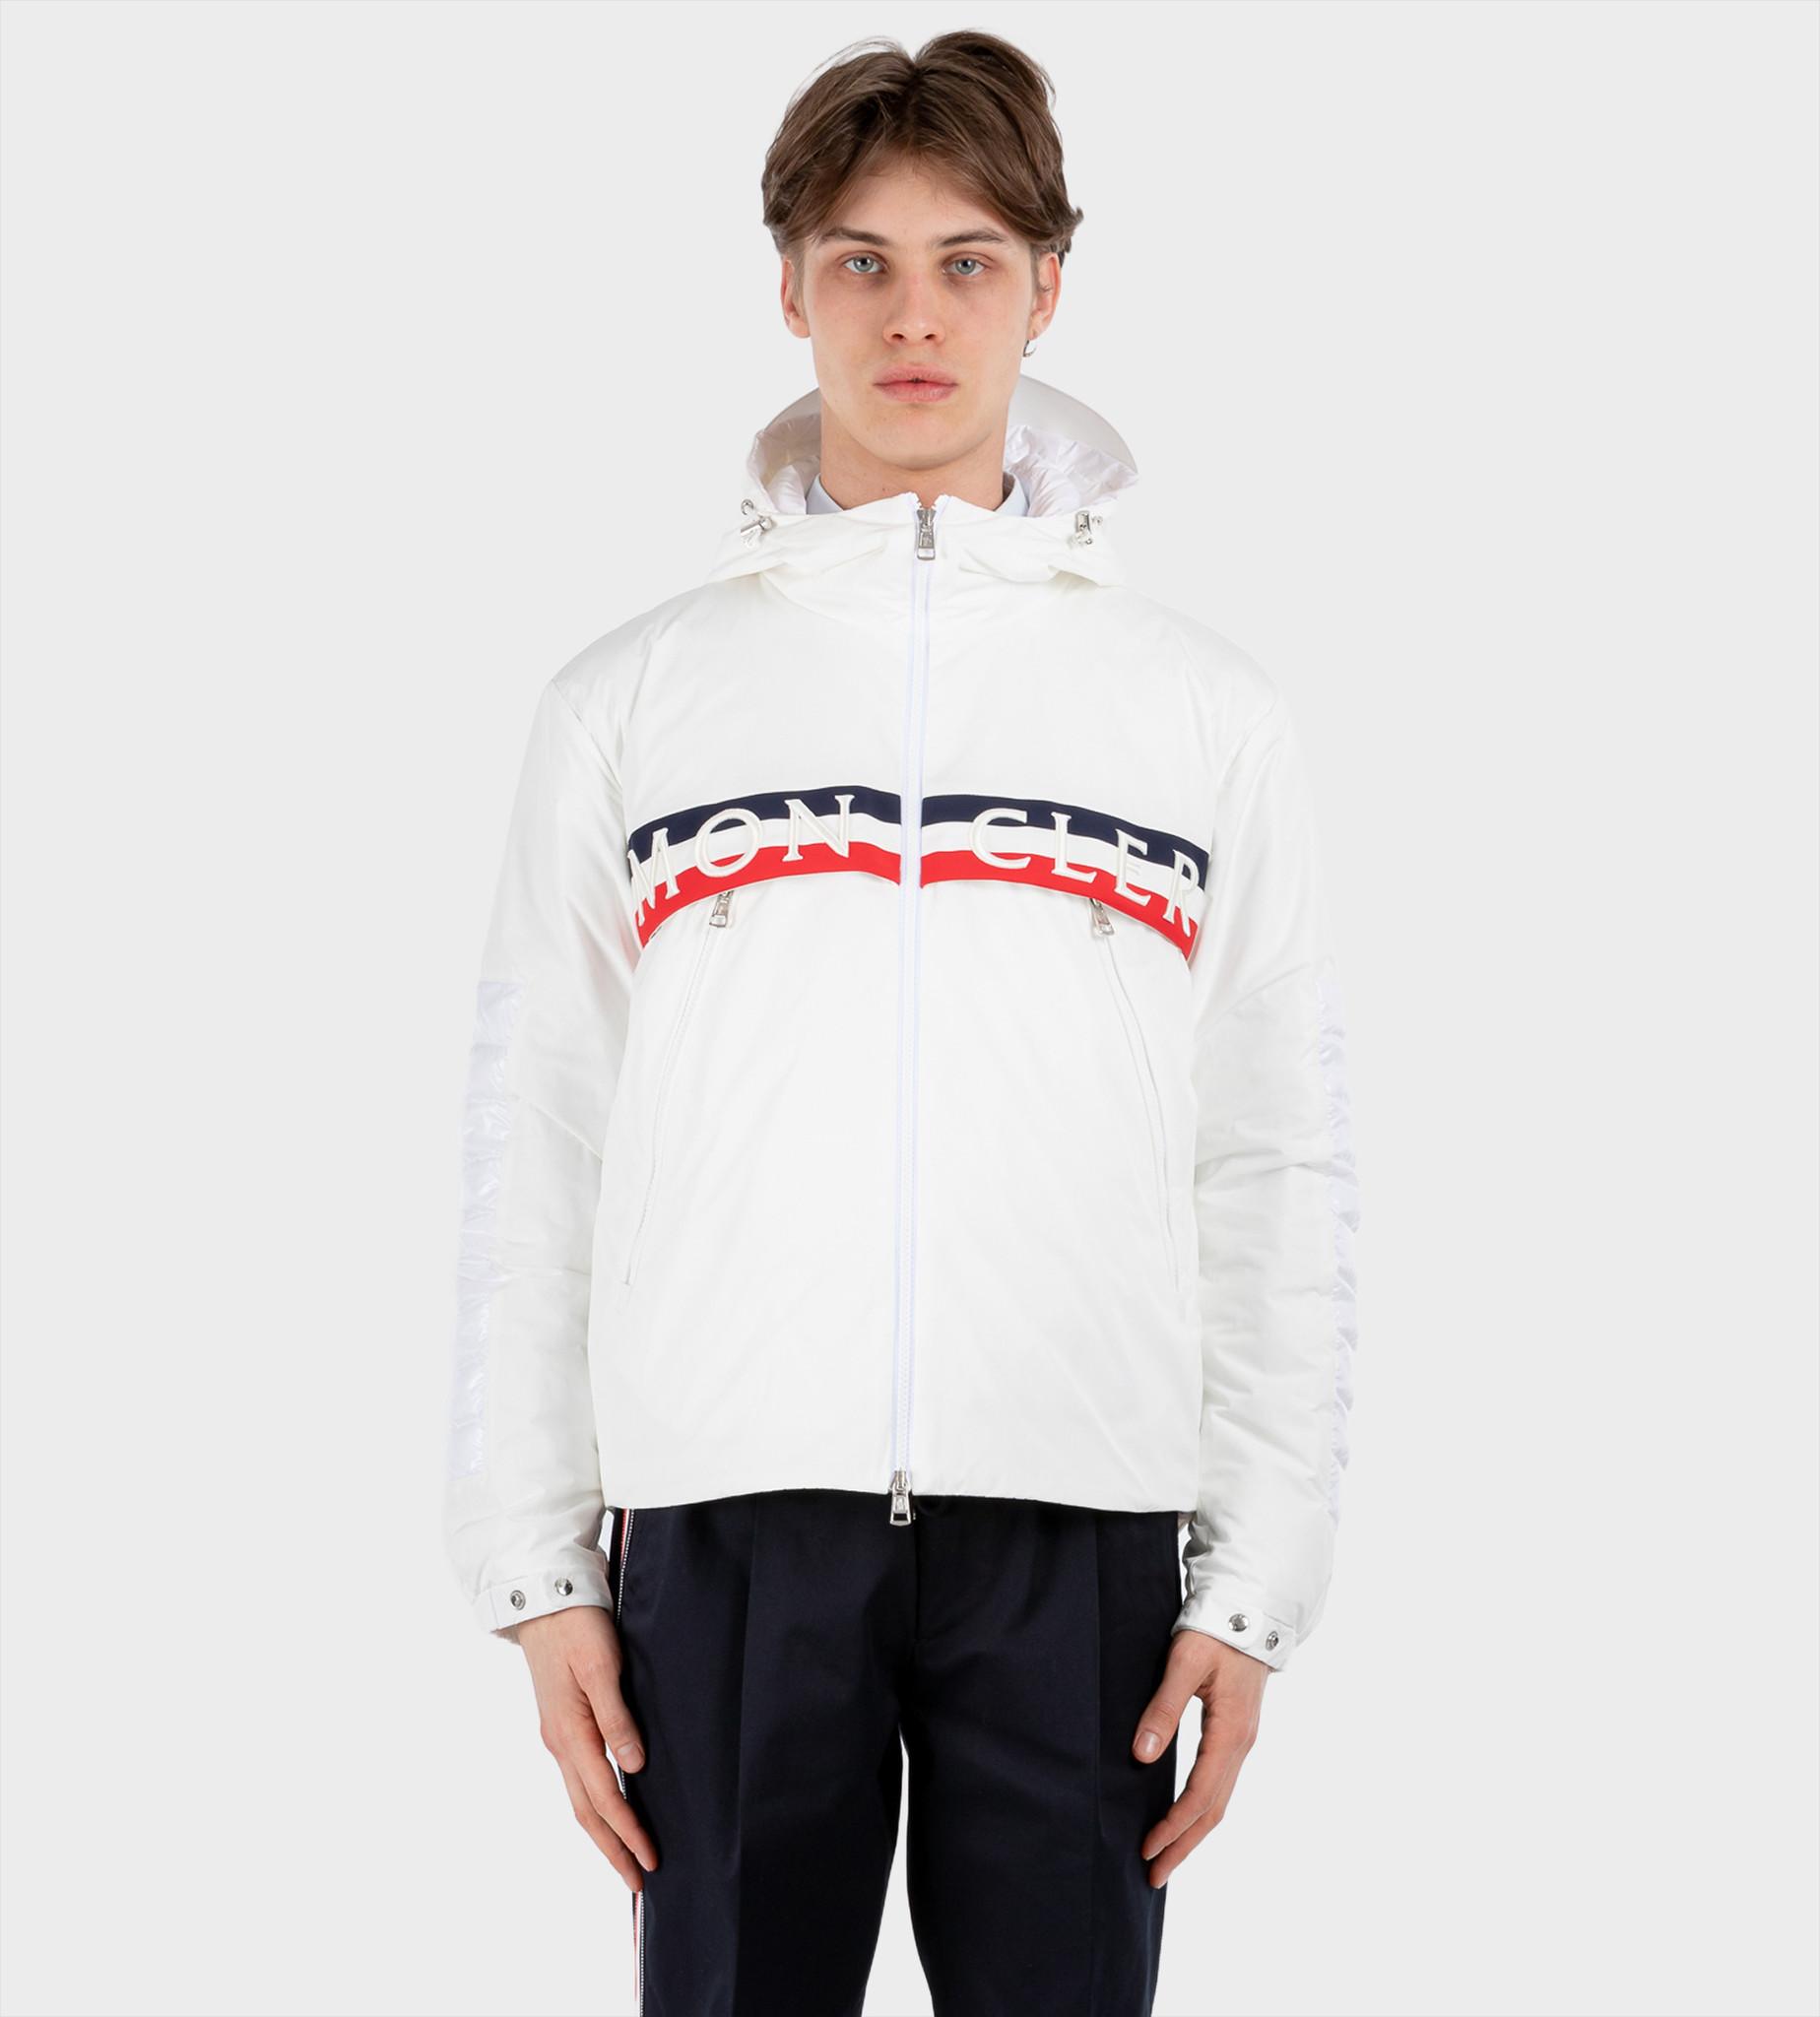 MONCLER Jacket Olargues White